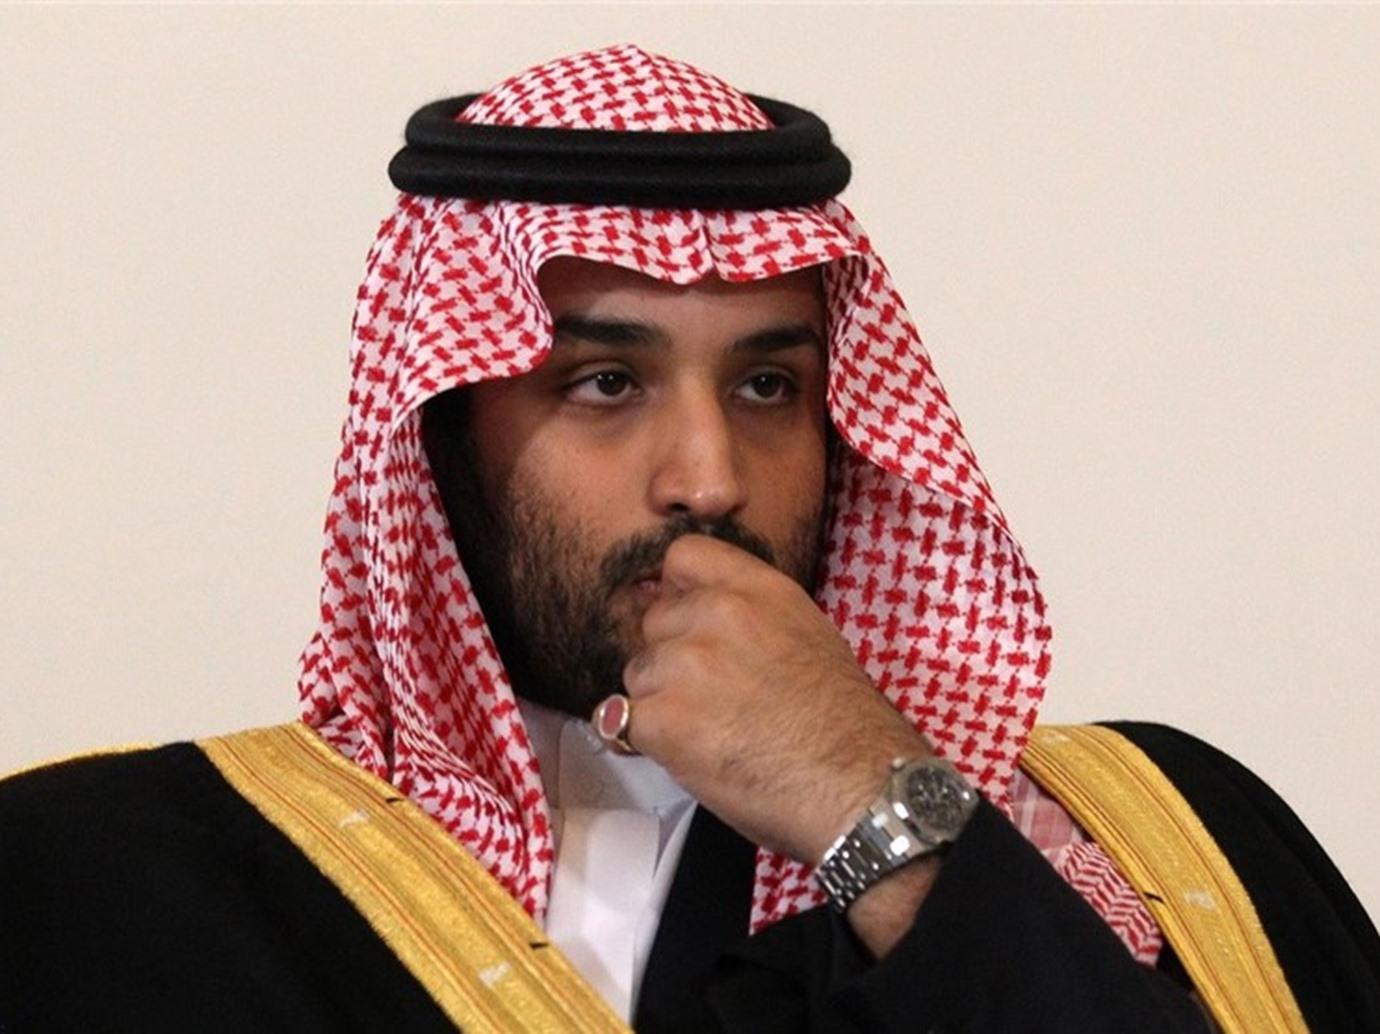 بروفيسور أمريكي على الأمير الصغير ابن سلمان وقف حرب اليمن